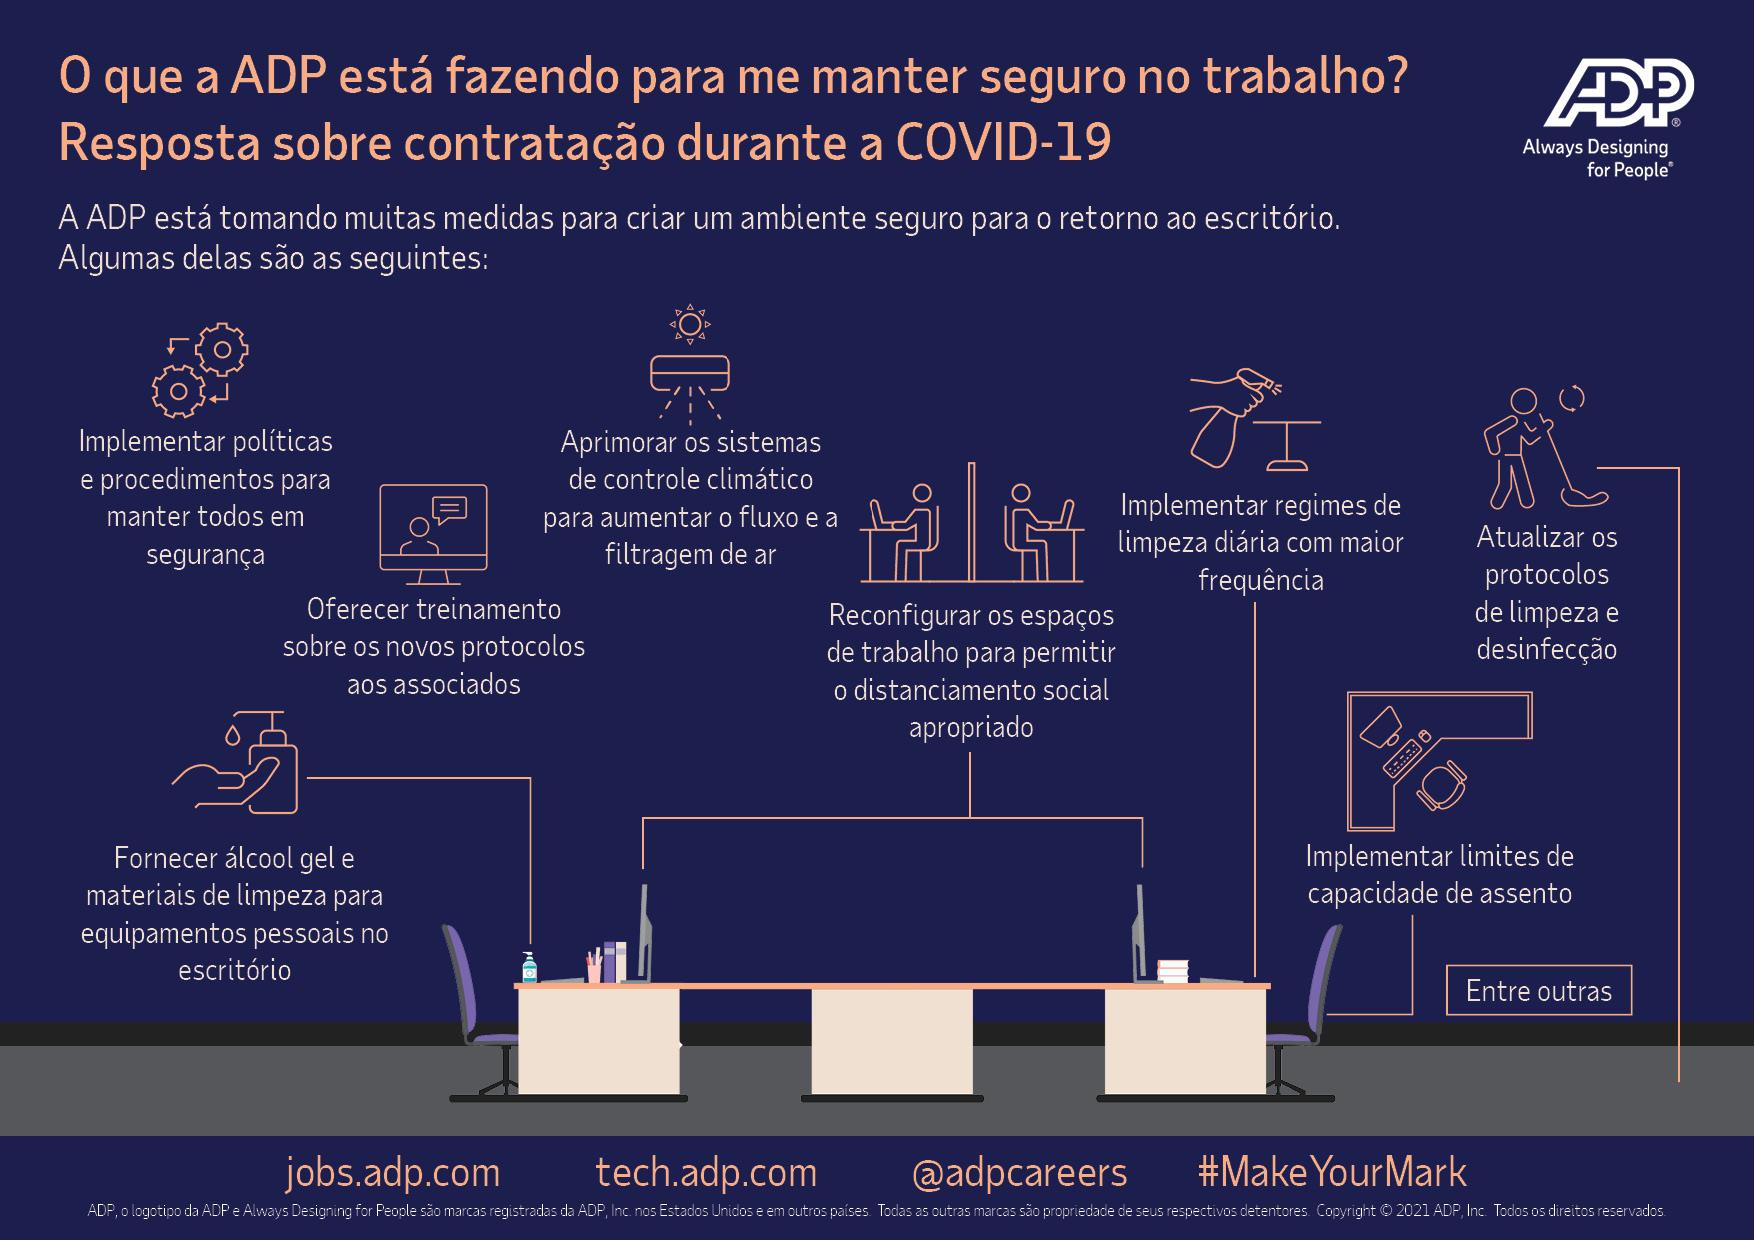 Infographic: O que a ADP está fazendo para me manter seguro no trabalho?